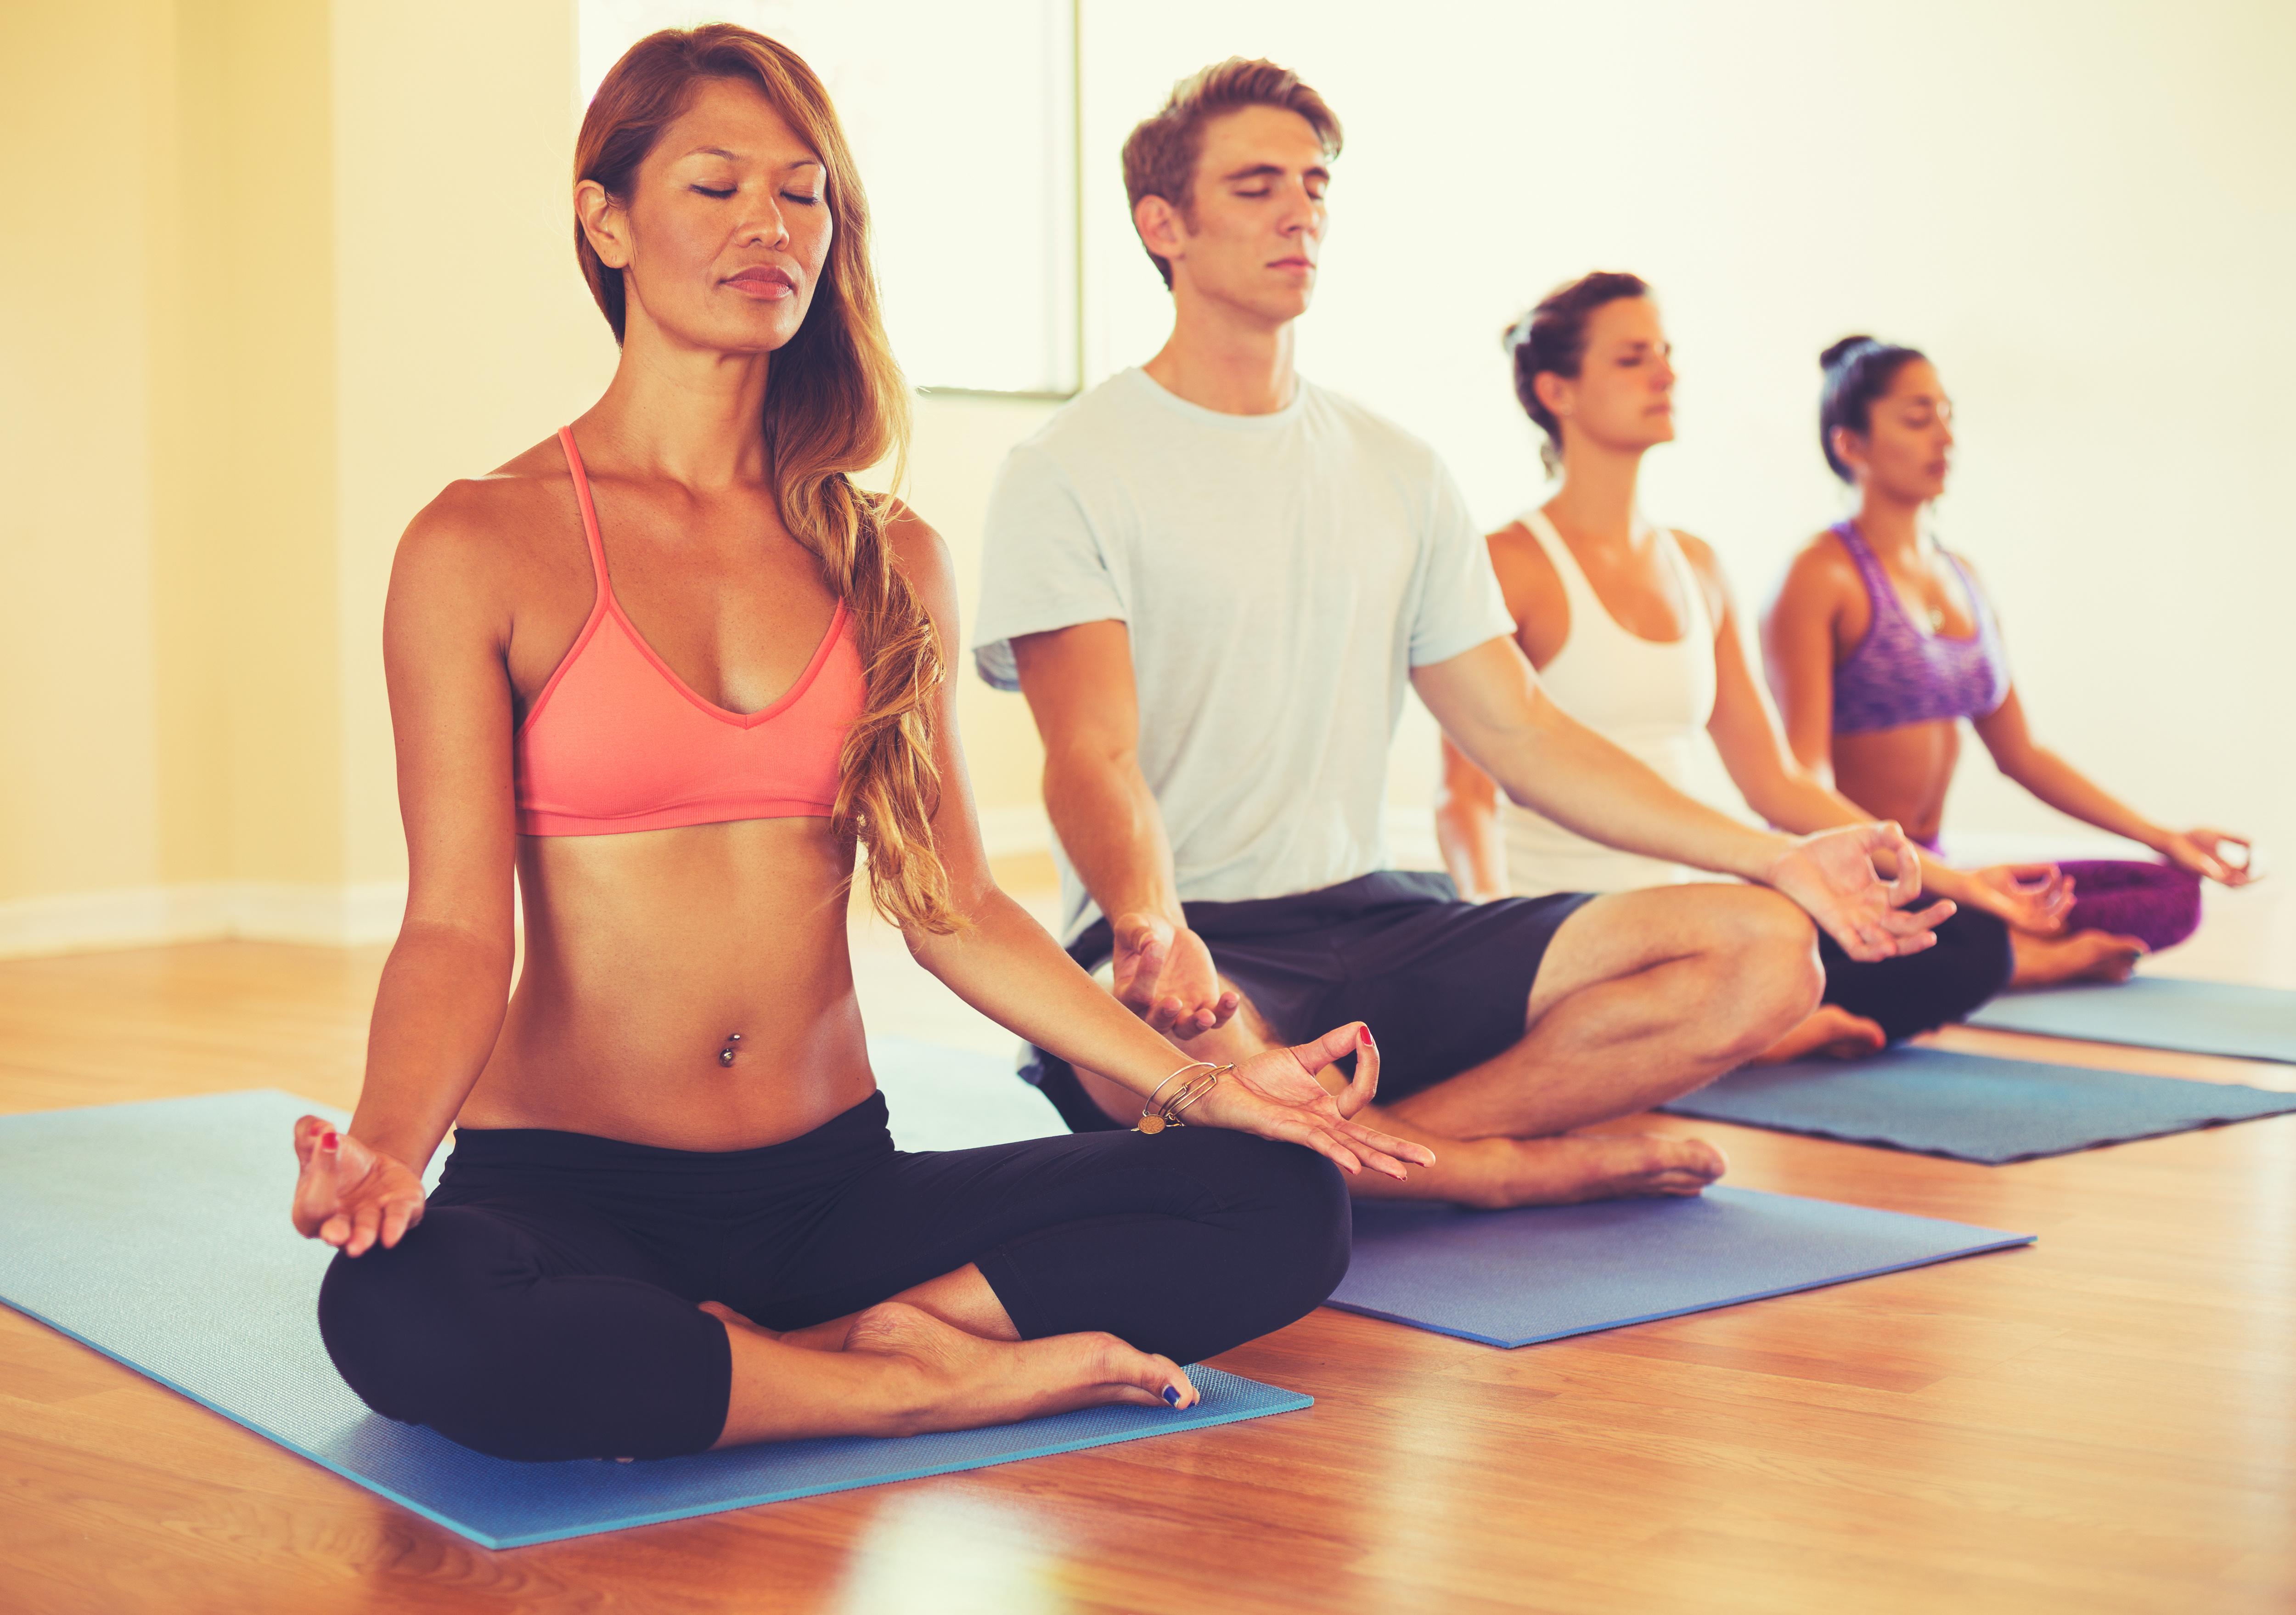 NAUCZ SIĘ ZARZĄDZAĆ CIAŁEM I UMYSŁEM-wstęp do medytacji